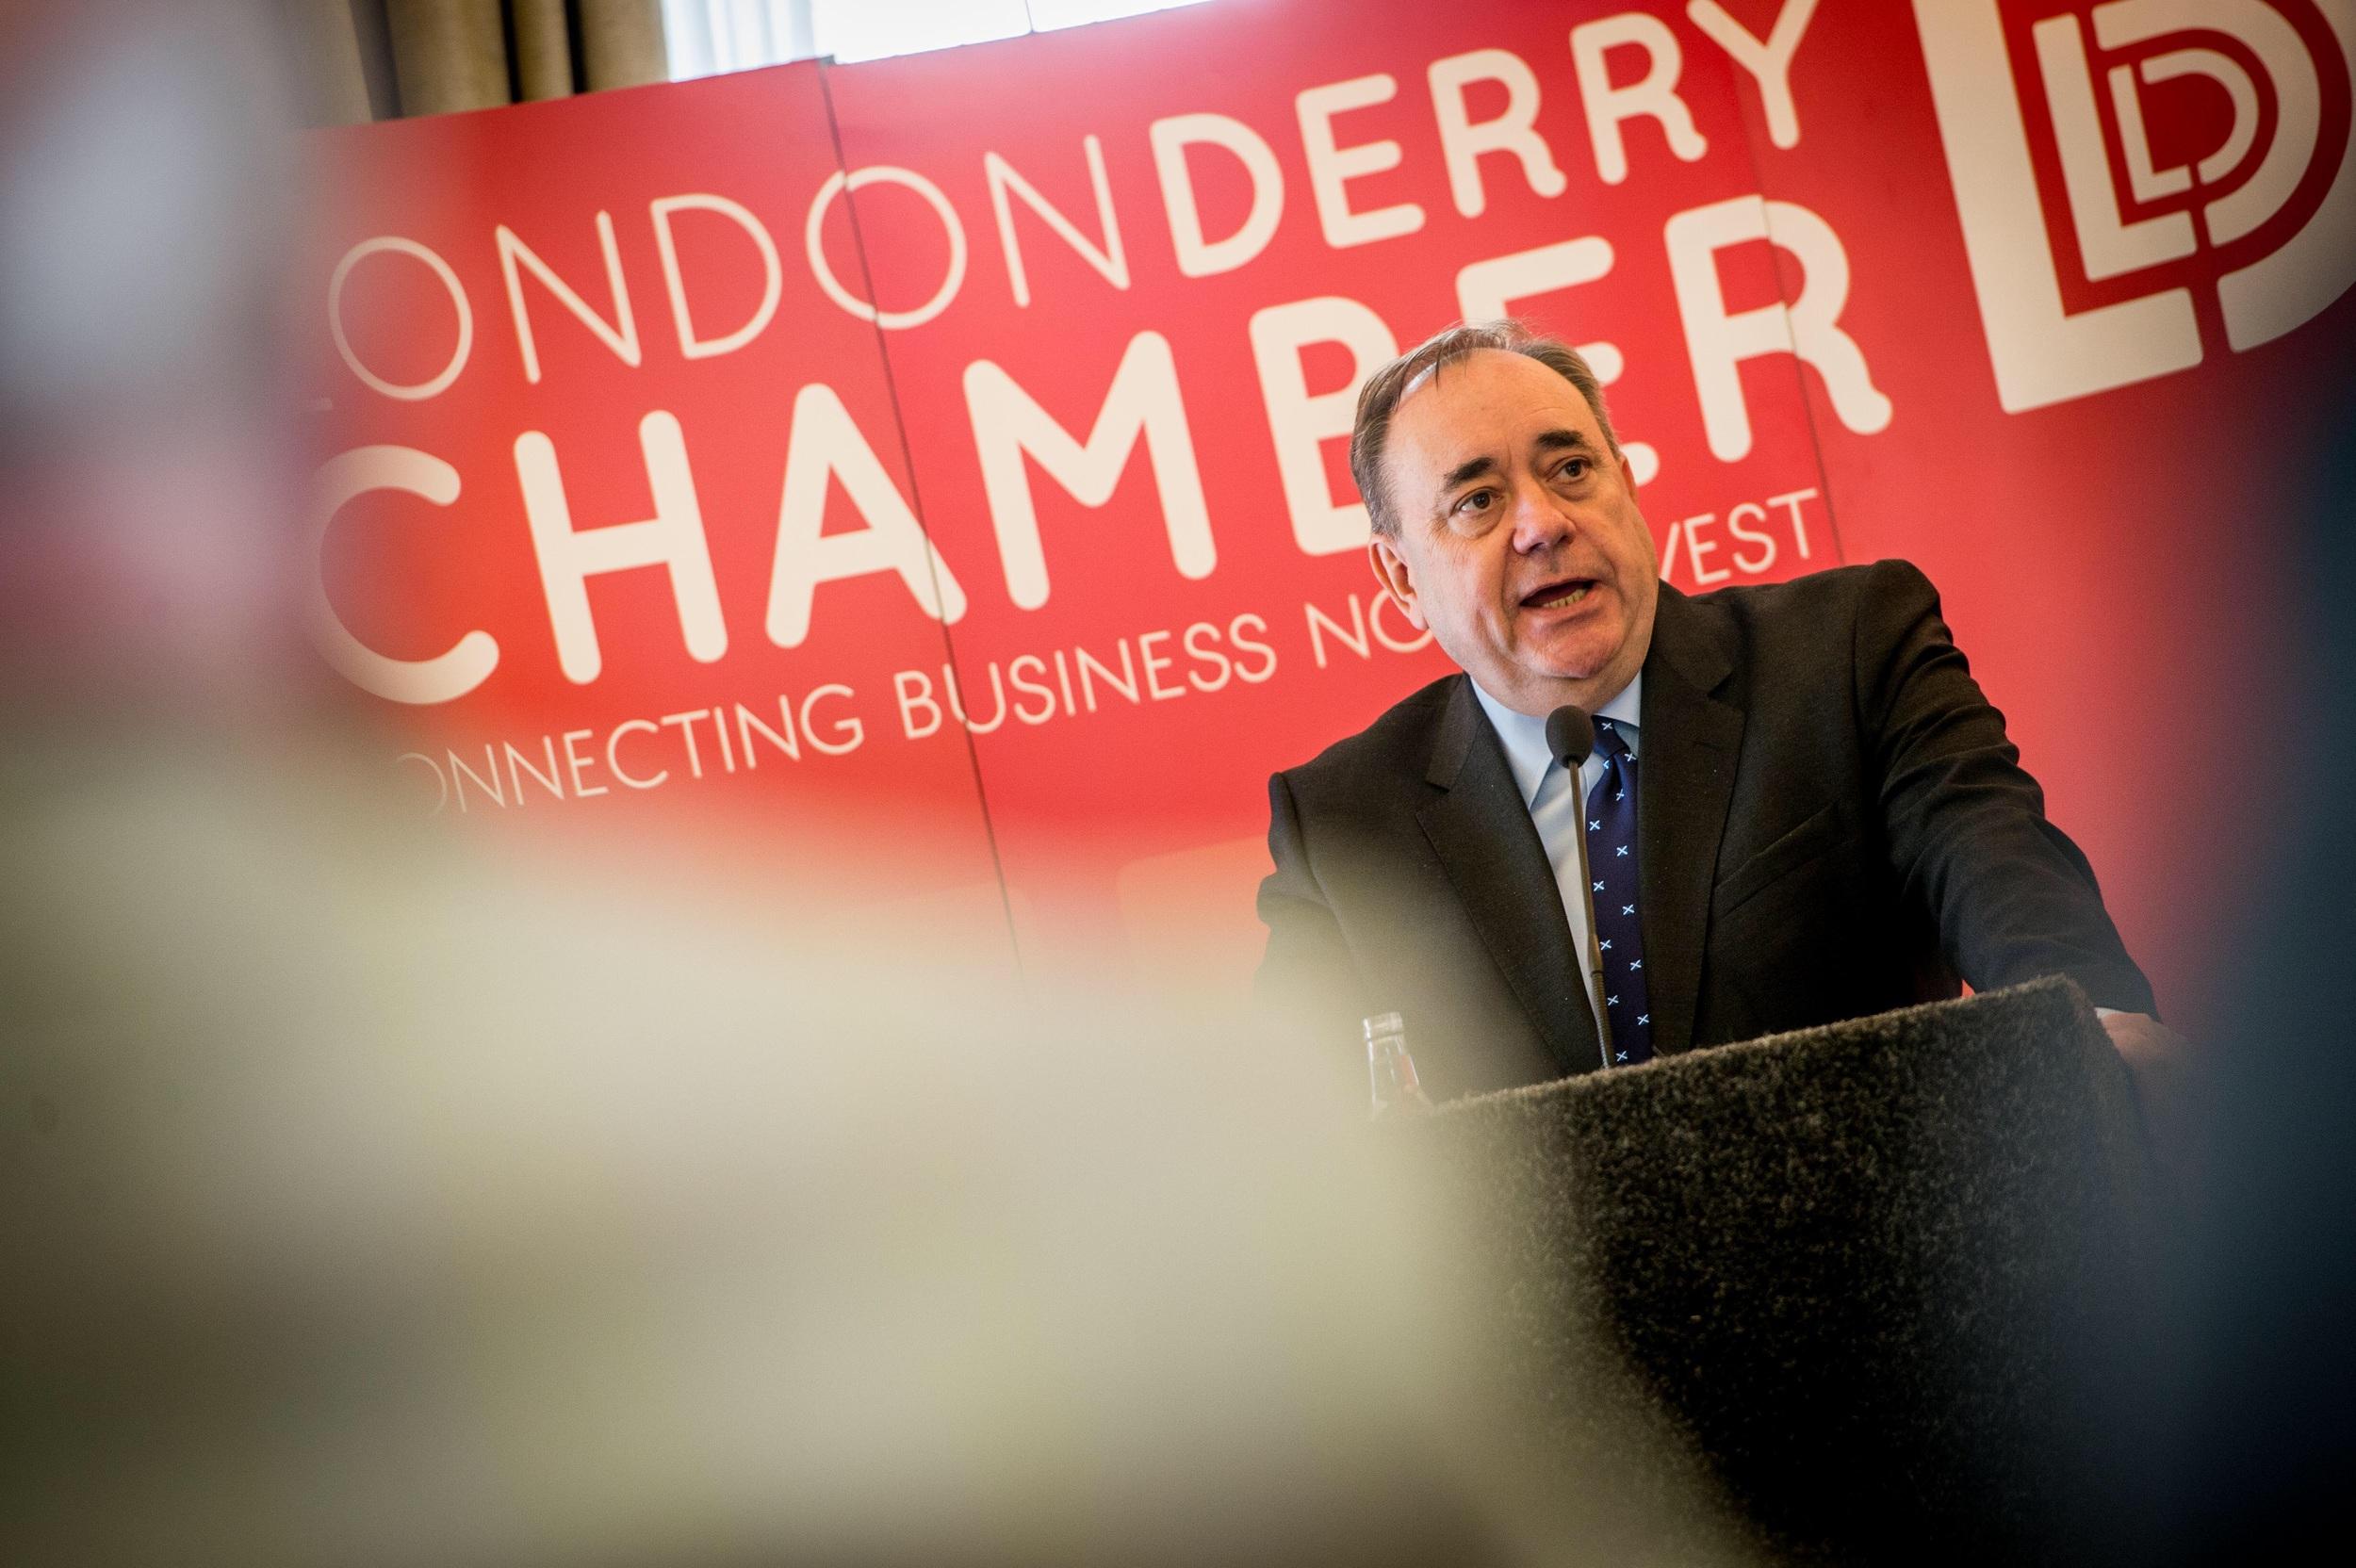 Alex Salmond speaking at the Bishop's Gate Hotel, Derry, Northern Ireland.